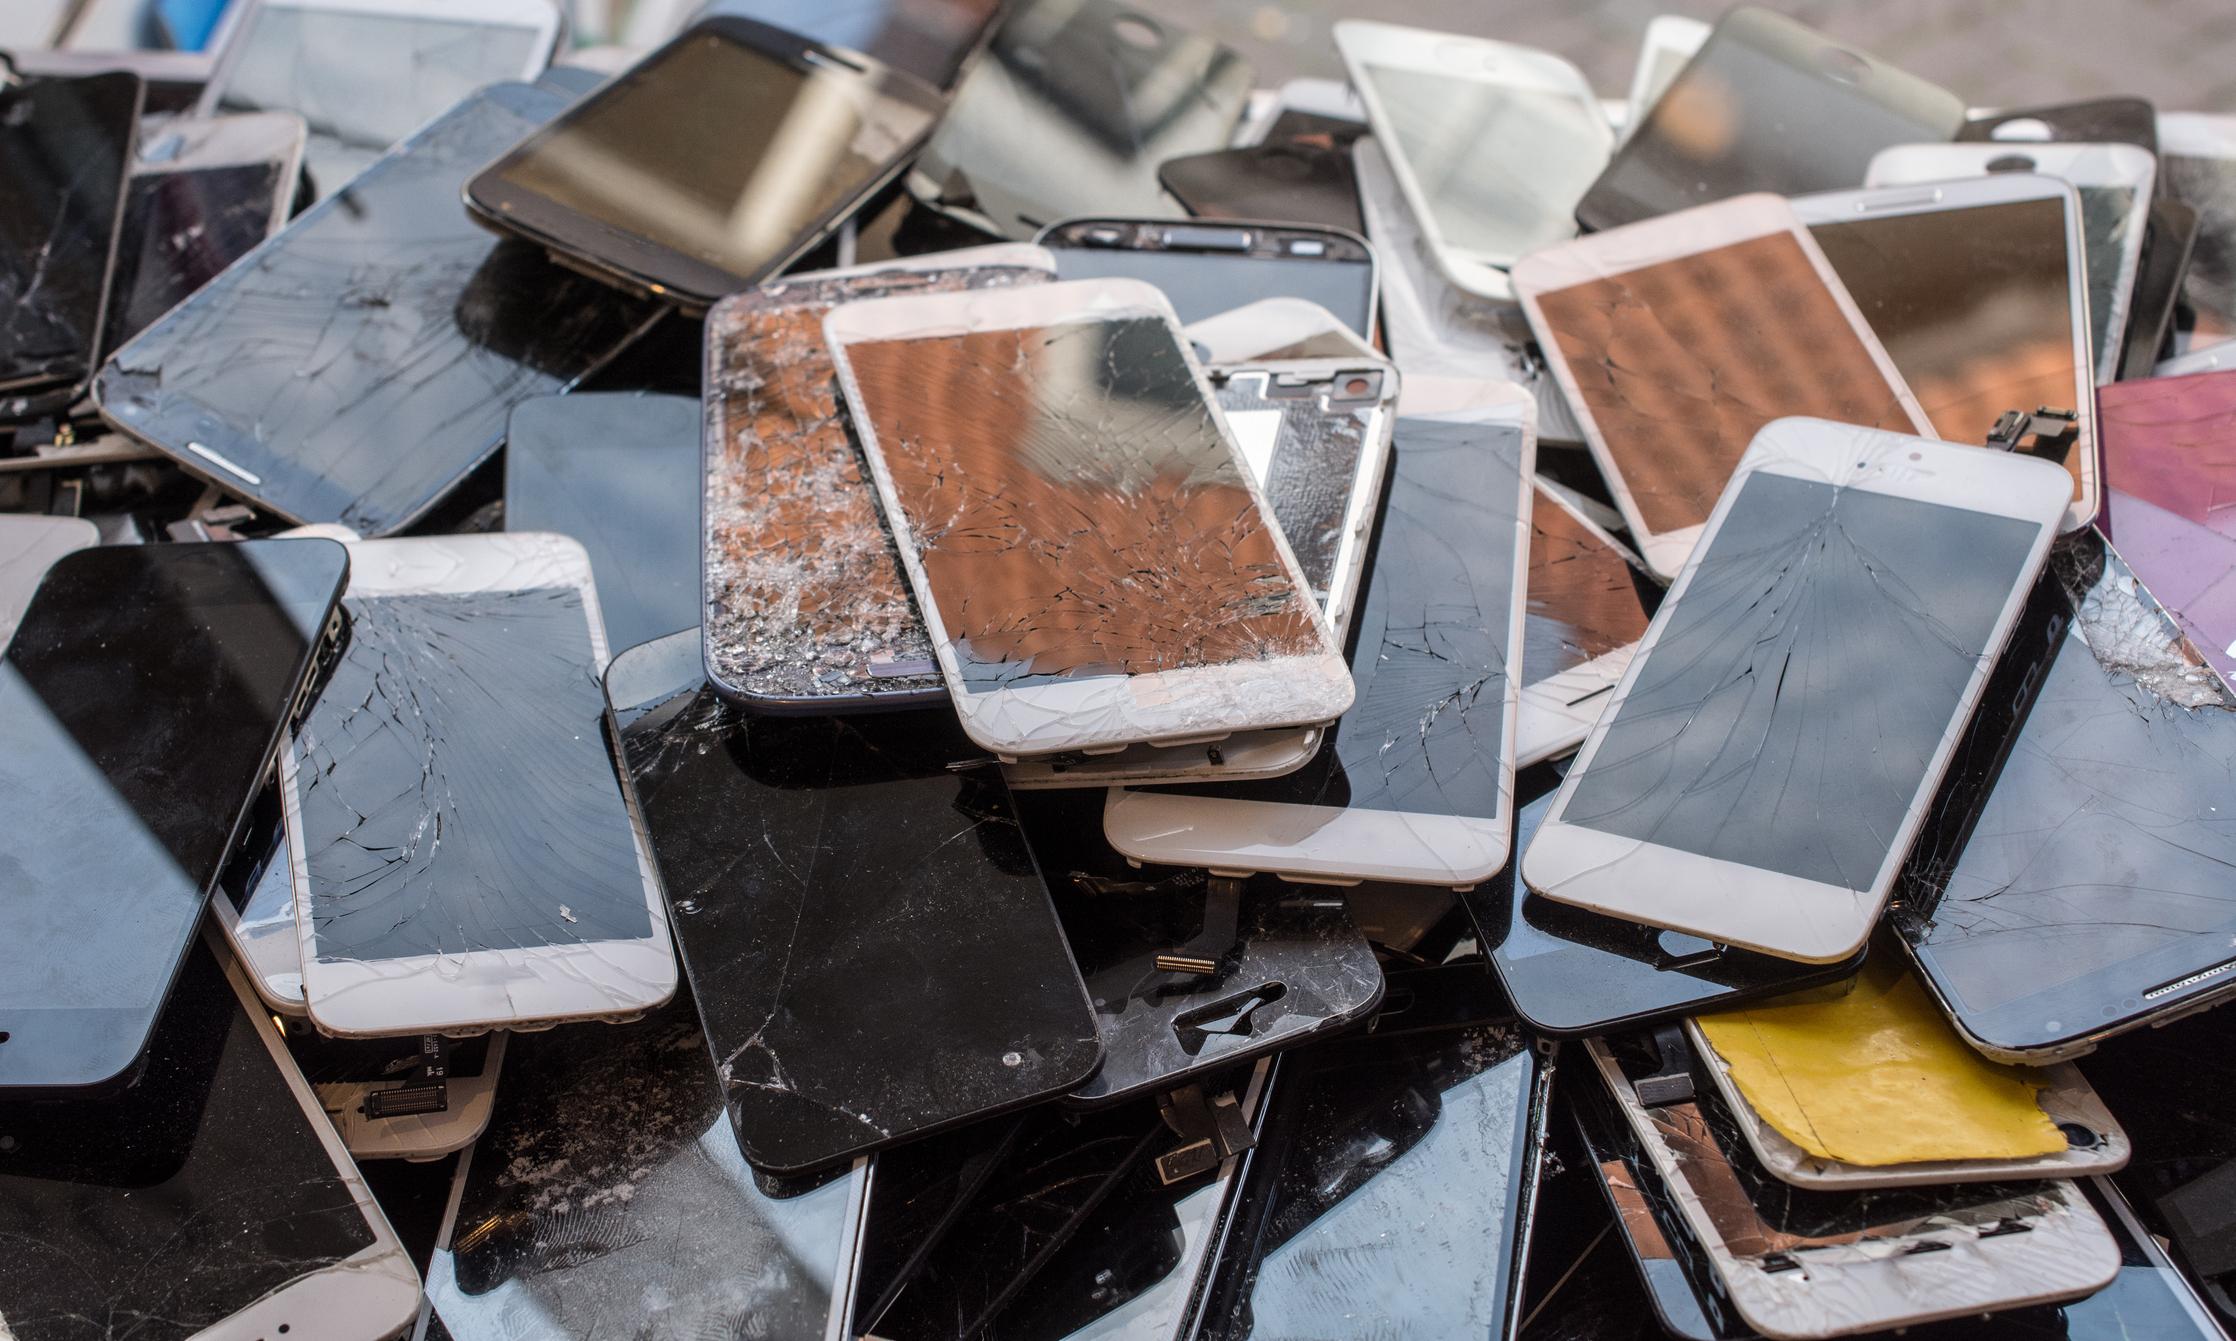 К чему снится телефон и то, что он разбивается